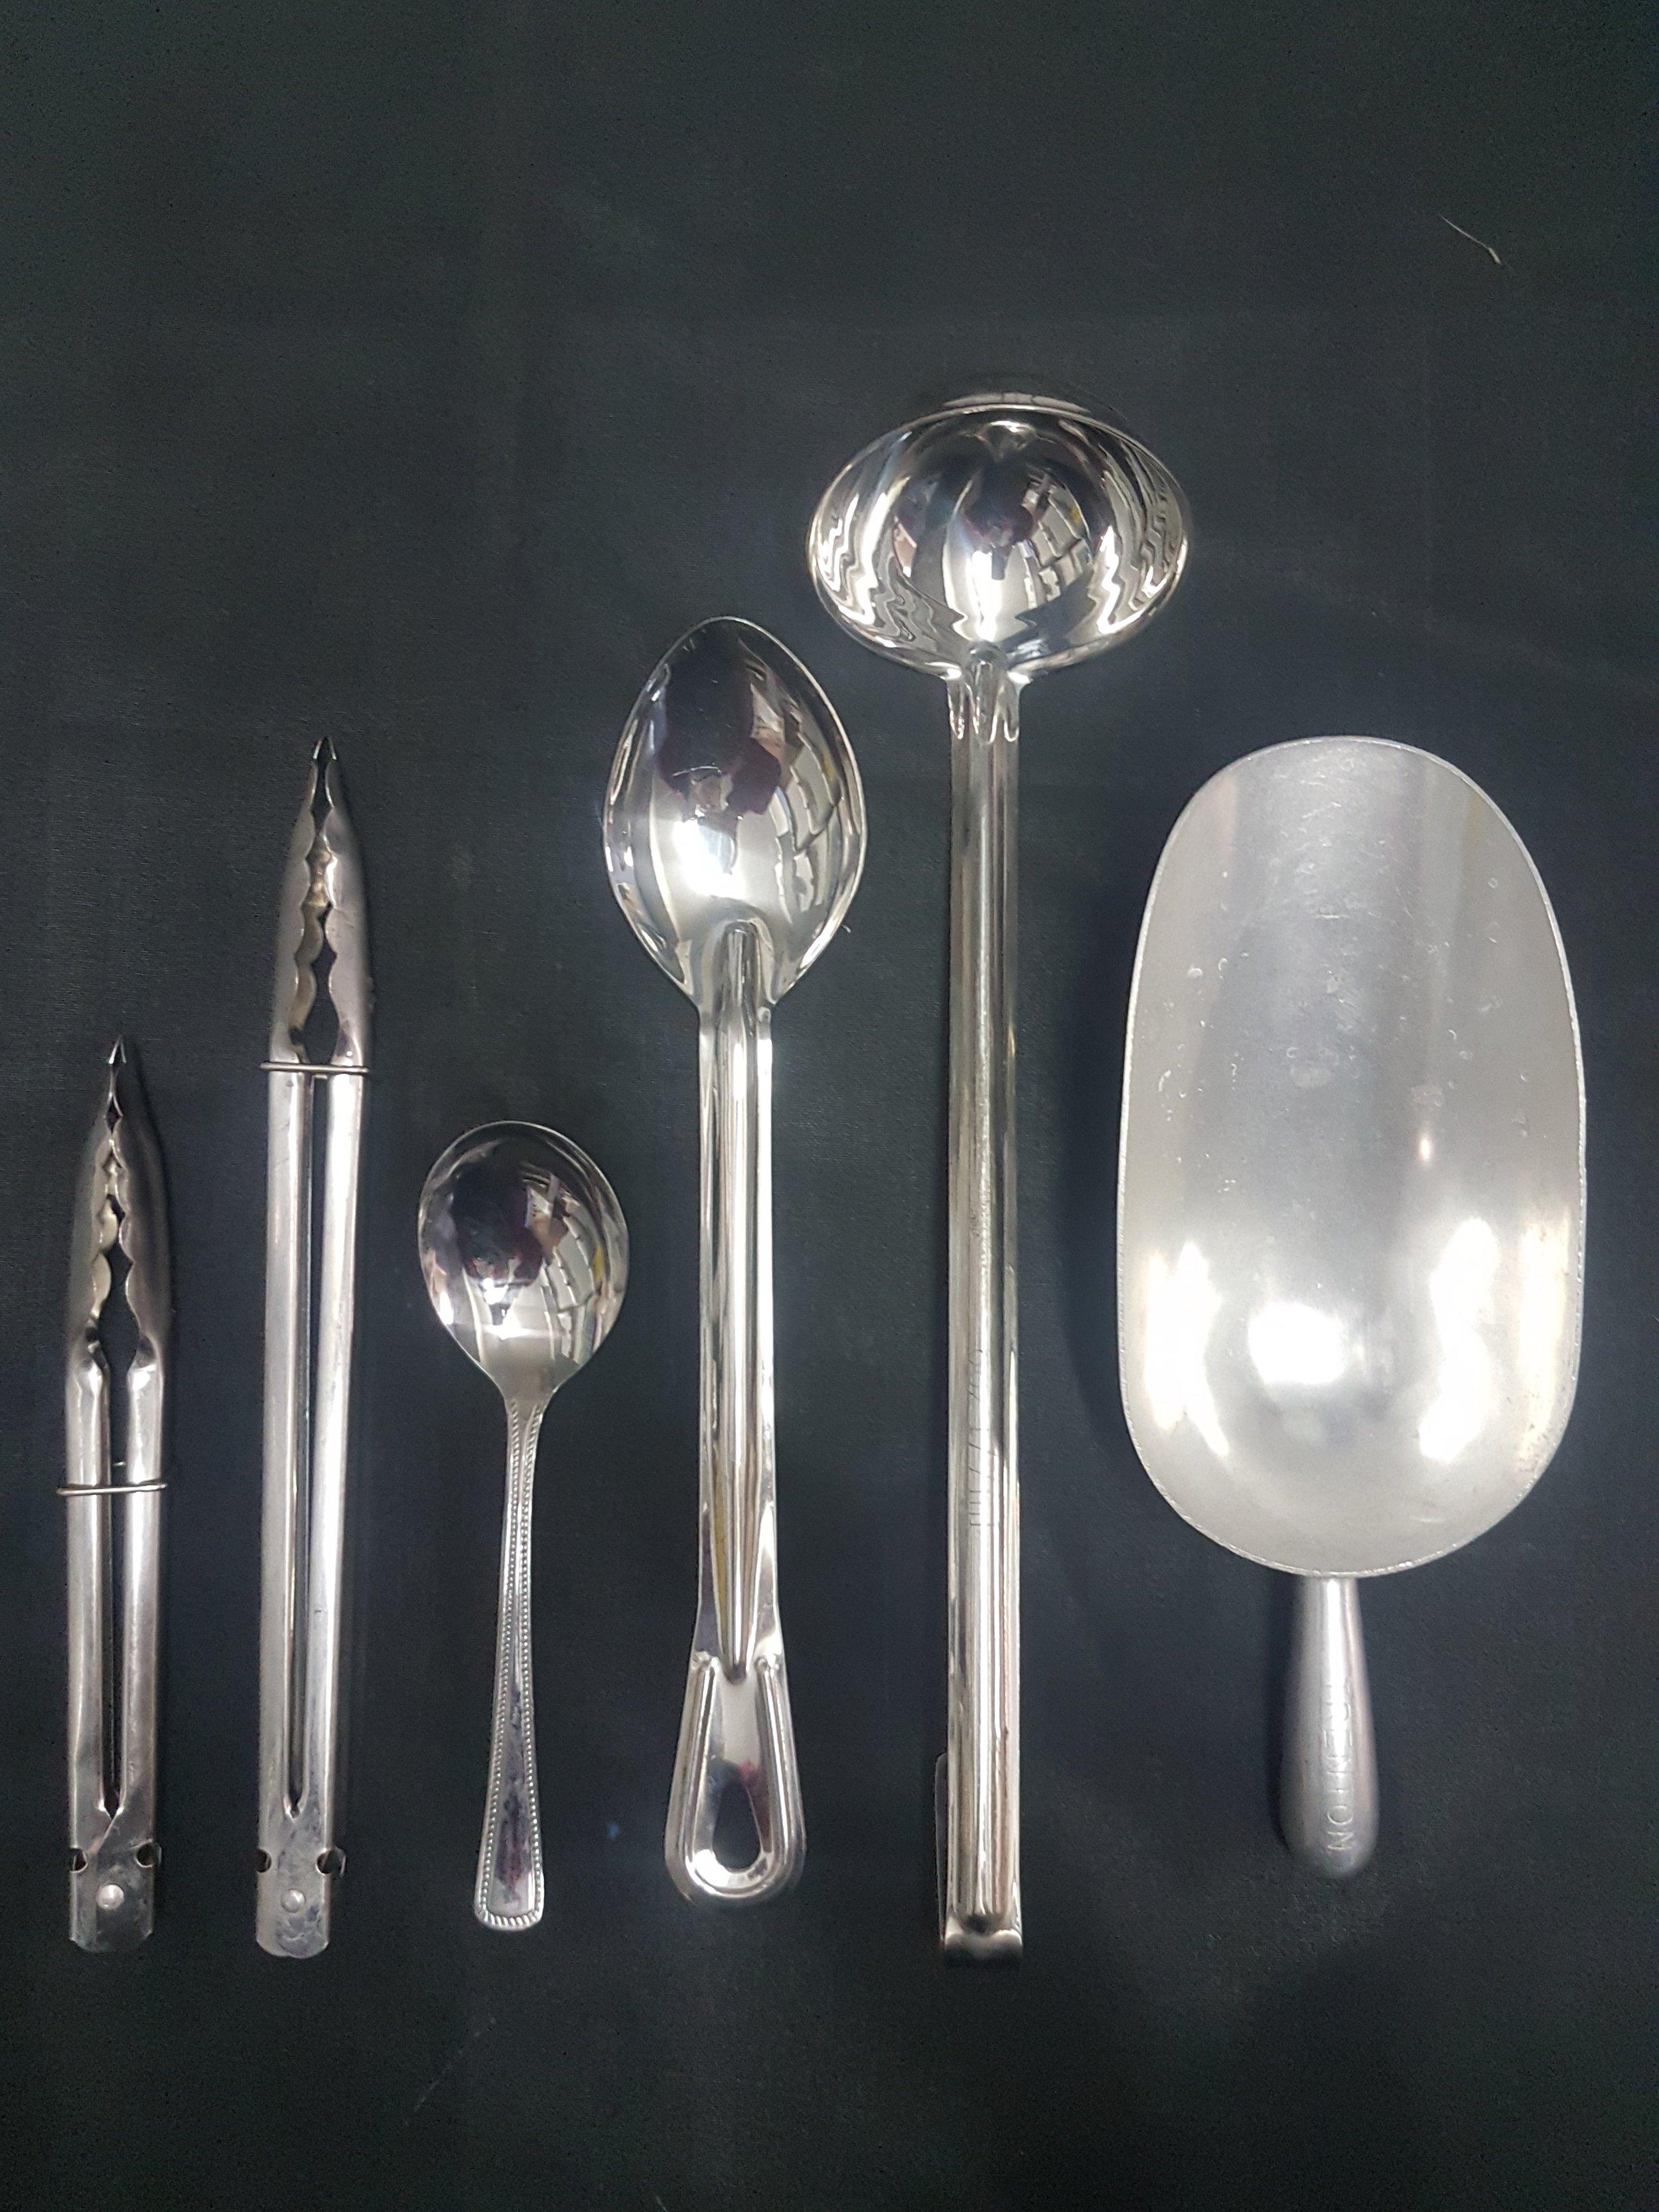 - Small Tongs $1.10 eaLarge Tongs $1.10 eaSmall Serving Spoon .99c eaLarge Serving Spoon .99c eaSilver Ladle $1.50 eaIce Scoop $1.10 ea